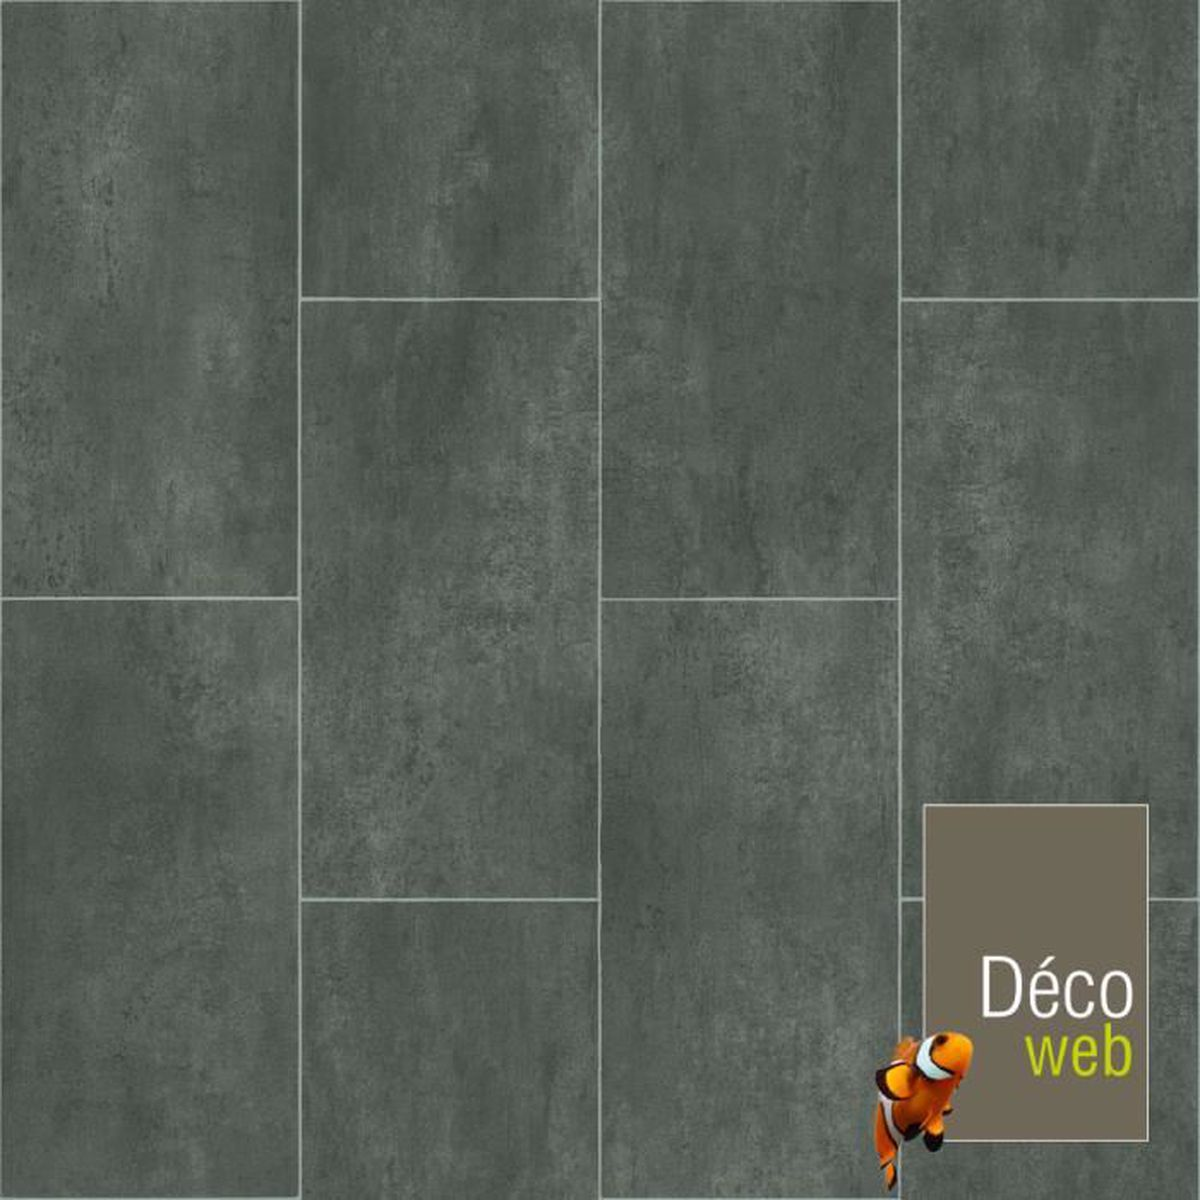 89c3288d8f1323 Carrelage gris - Achat / Vente pas cher